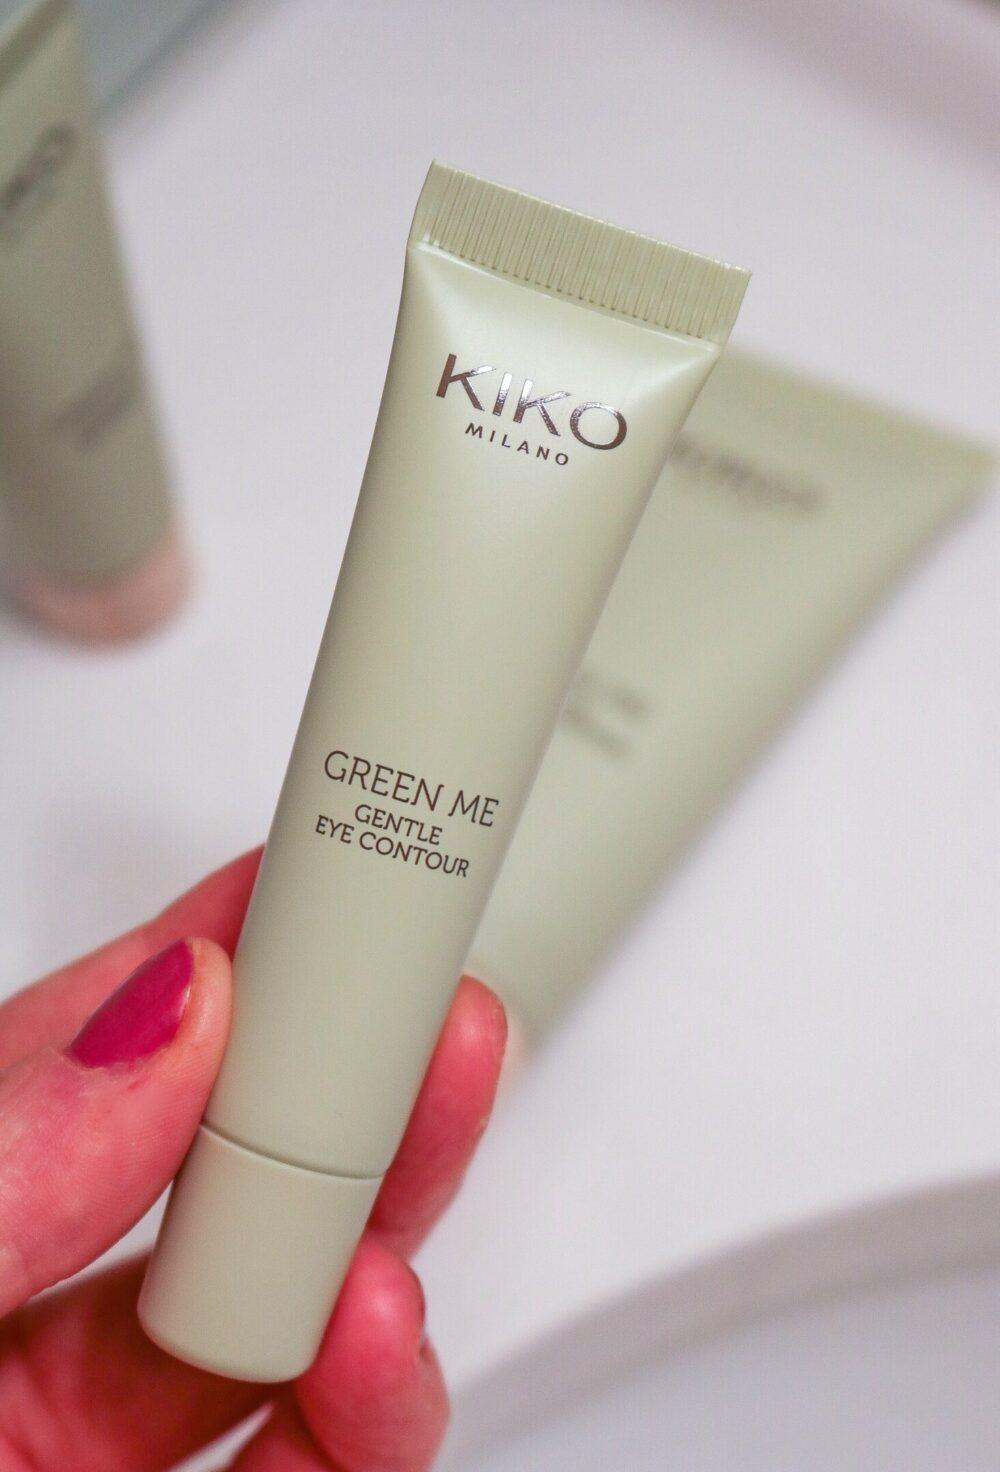 KIKO Eco-Friendly Skincare and Makeup I Green Me Eye Gel #cleanbeauty #veganbeauty #skincare #beautyblog